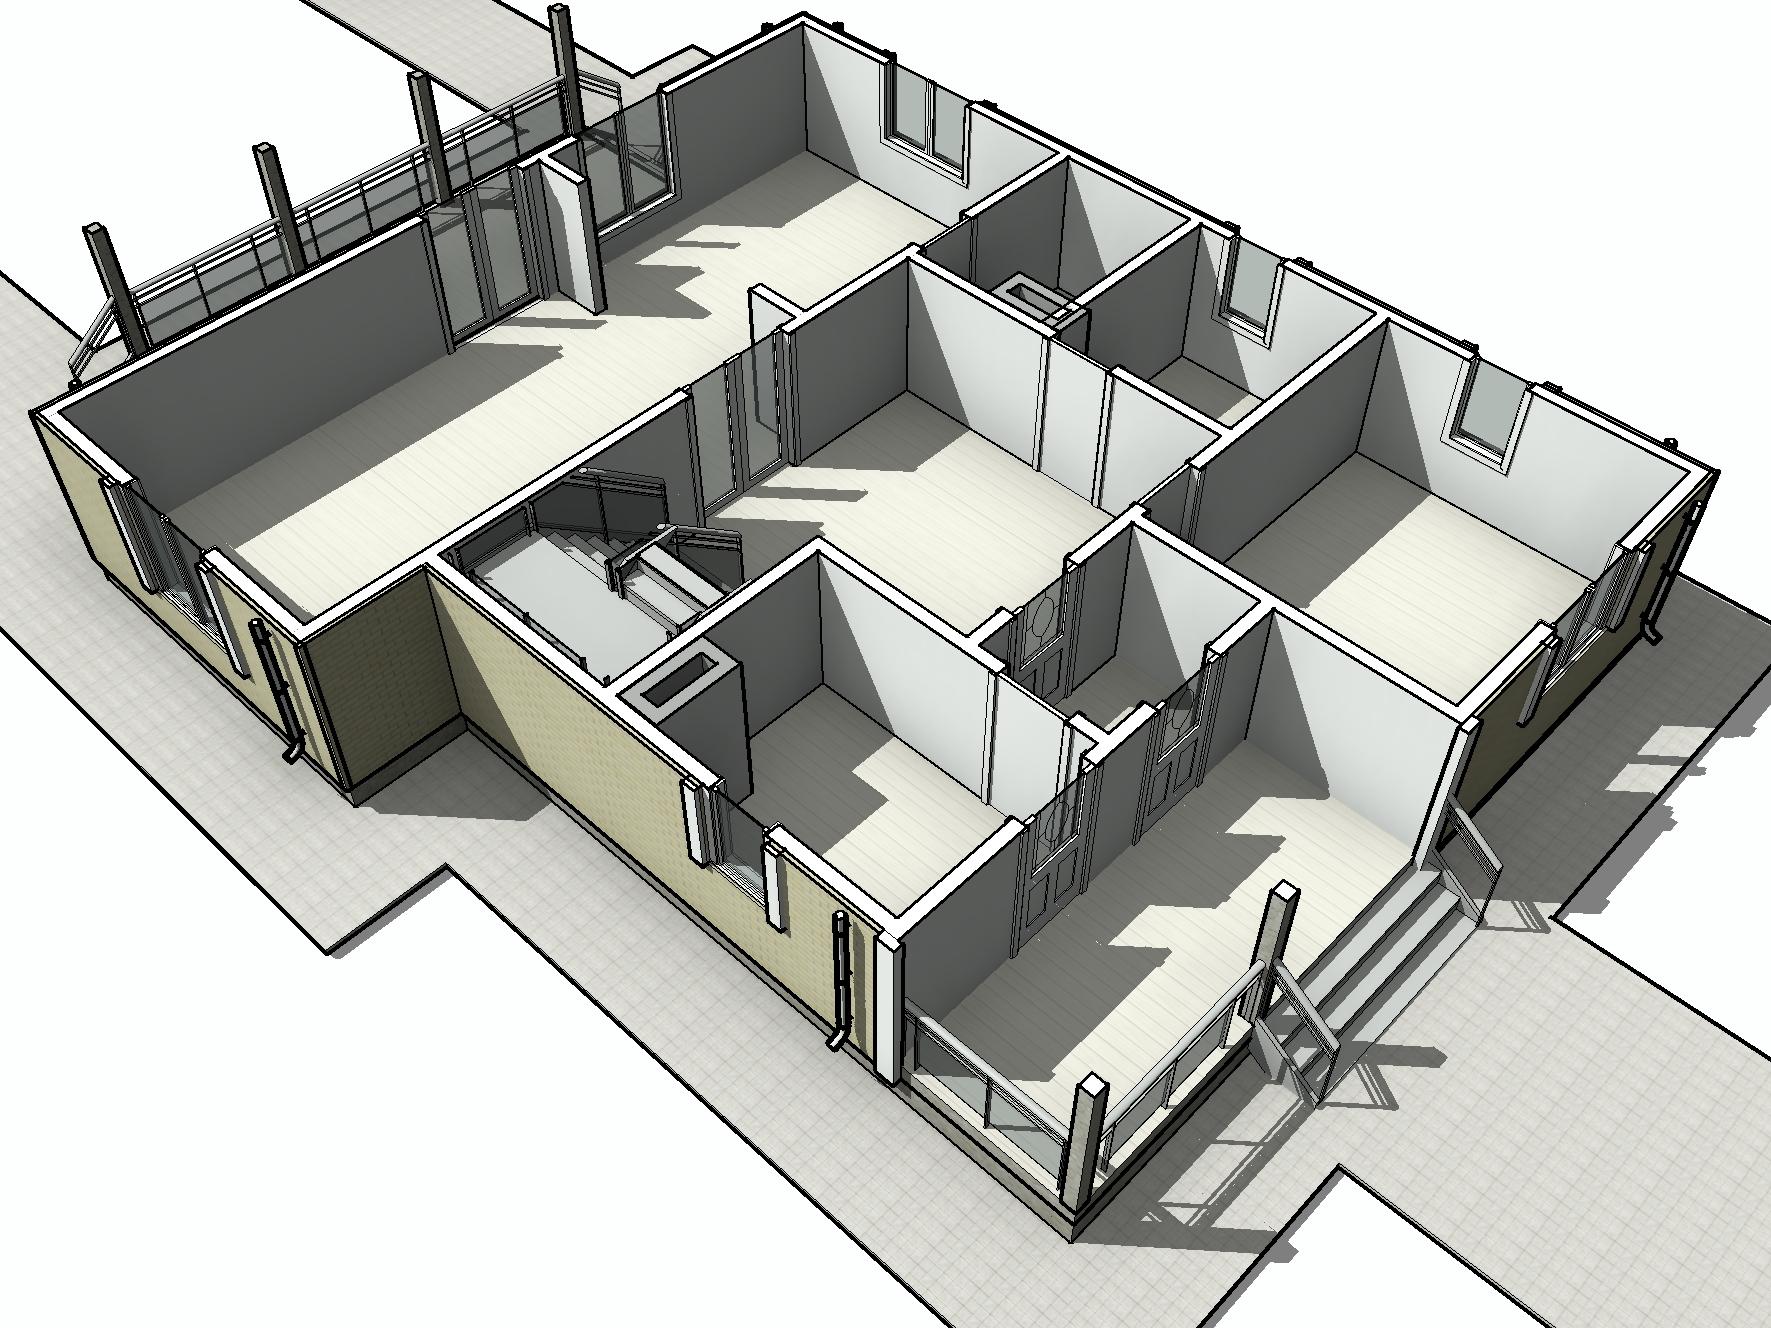 КД-30 - Общий вид 1-го этажа